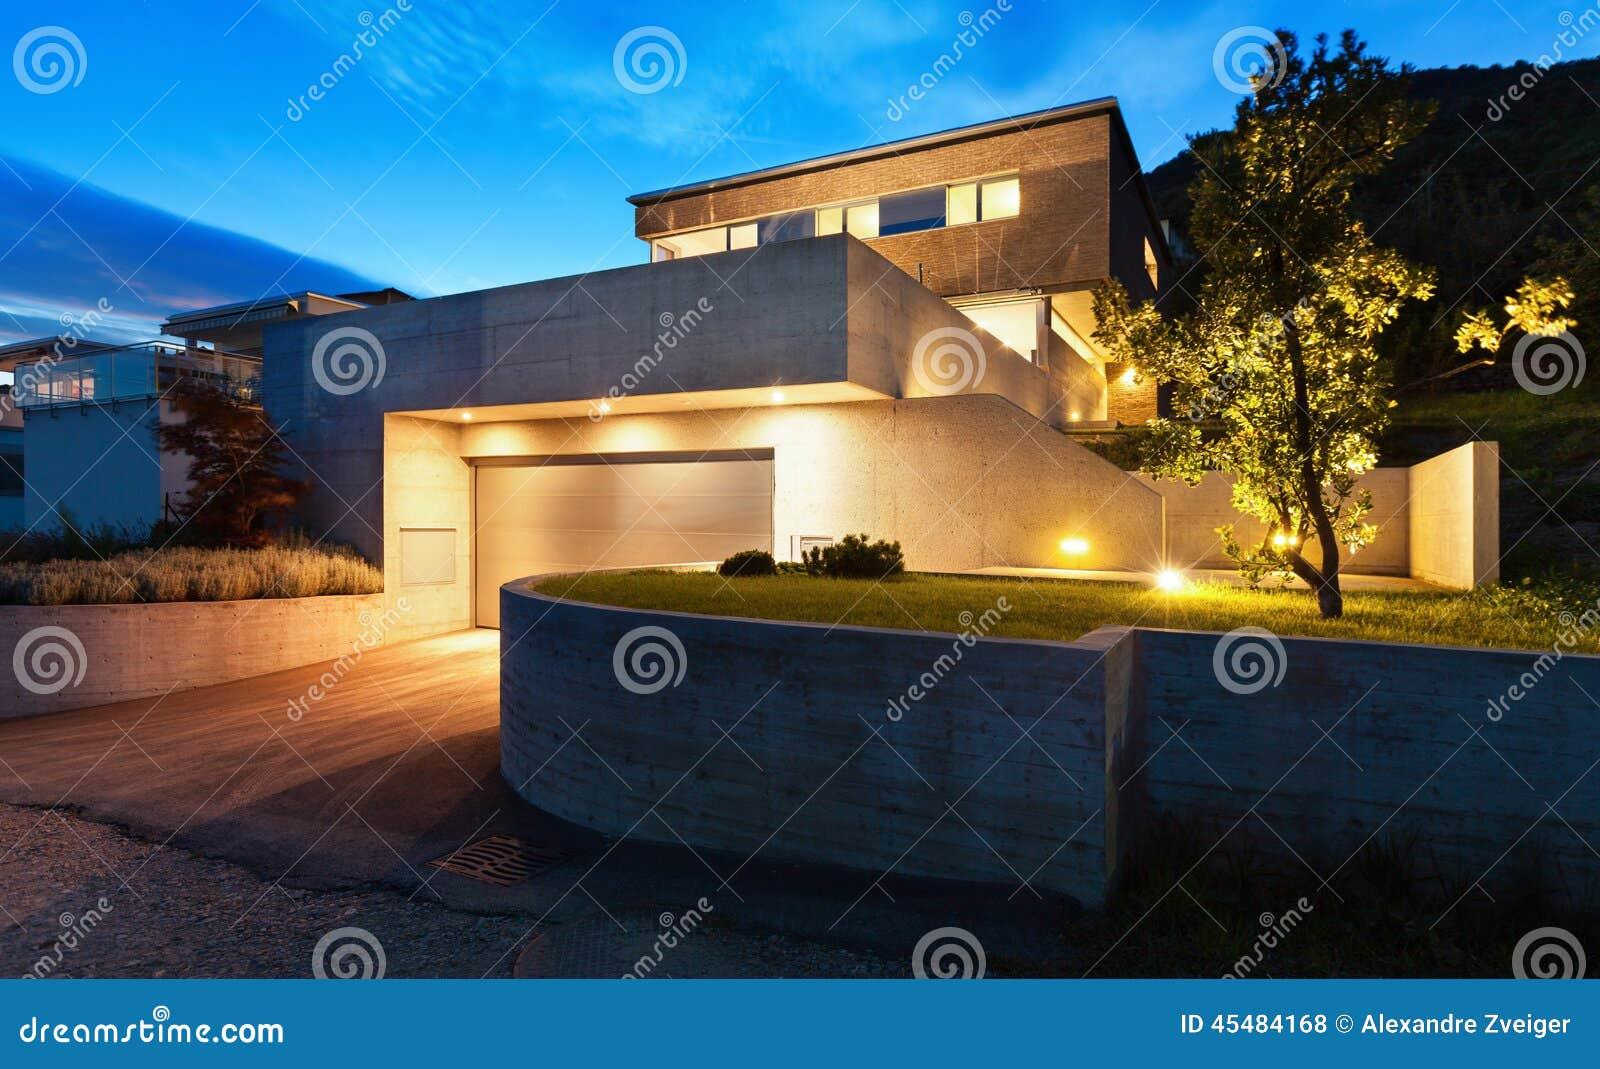 Modernes Design Der Architektur, Haus Stockfoto - Bild von himmel ...